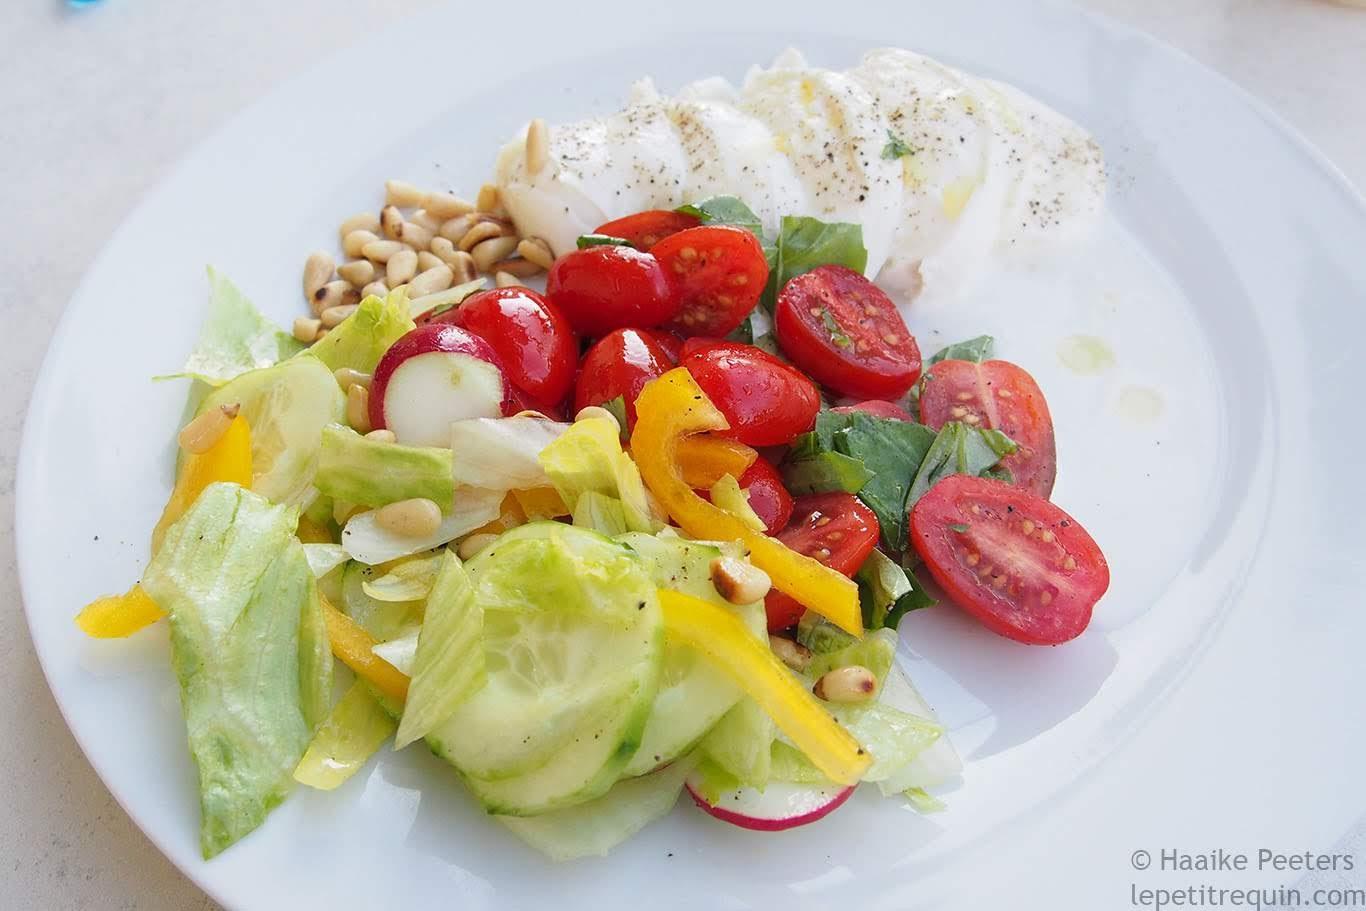 Salade met tomaat, mozzarella, basilicum en pijnboompitten (Le petit requin)